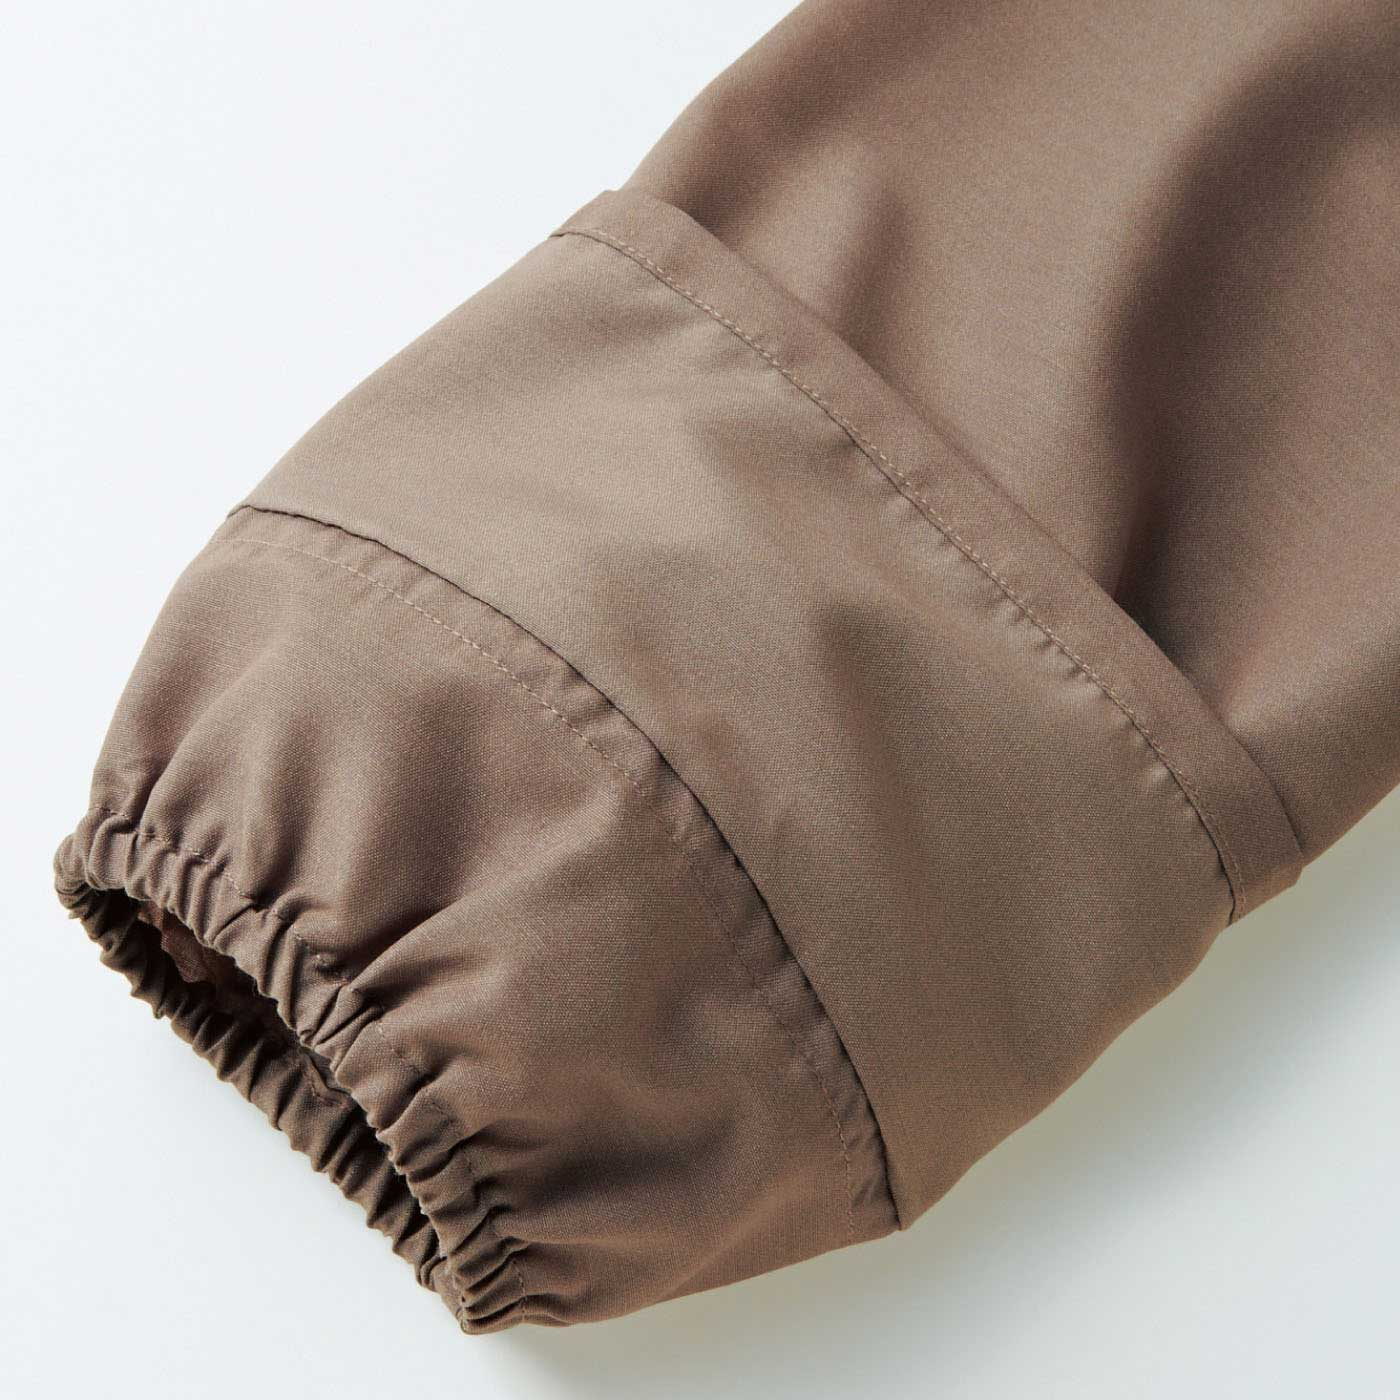 筒袖の中のゴム入りの隠し袖口はたくし上げても落ちてこないので水仕事もストレスフリーです。